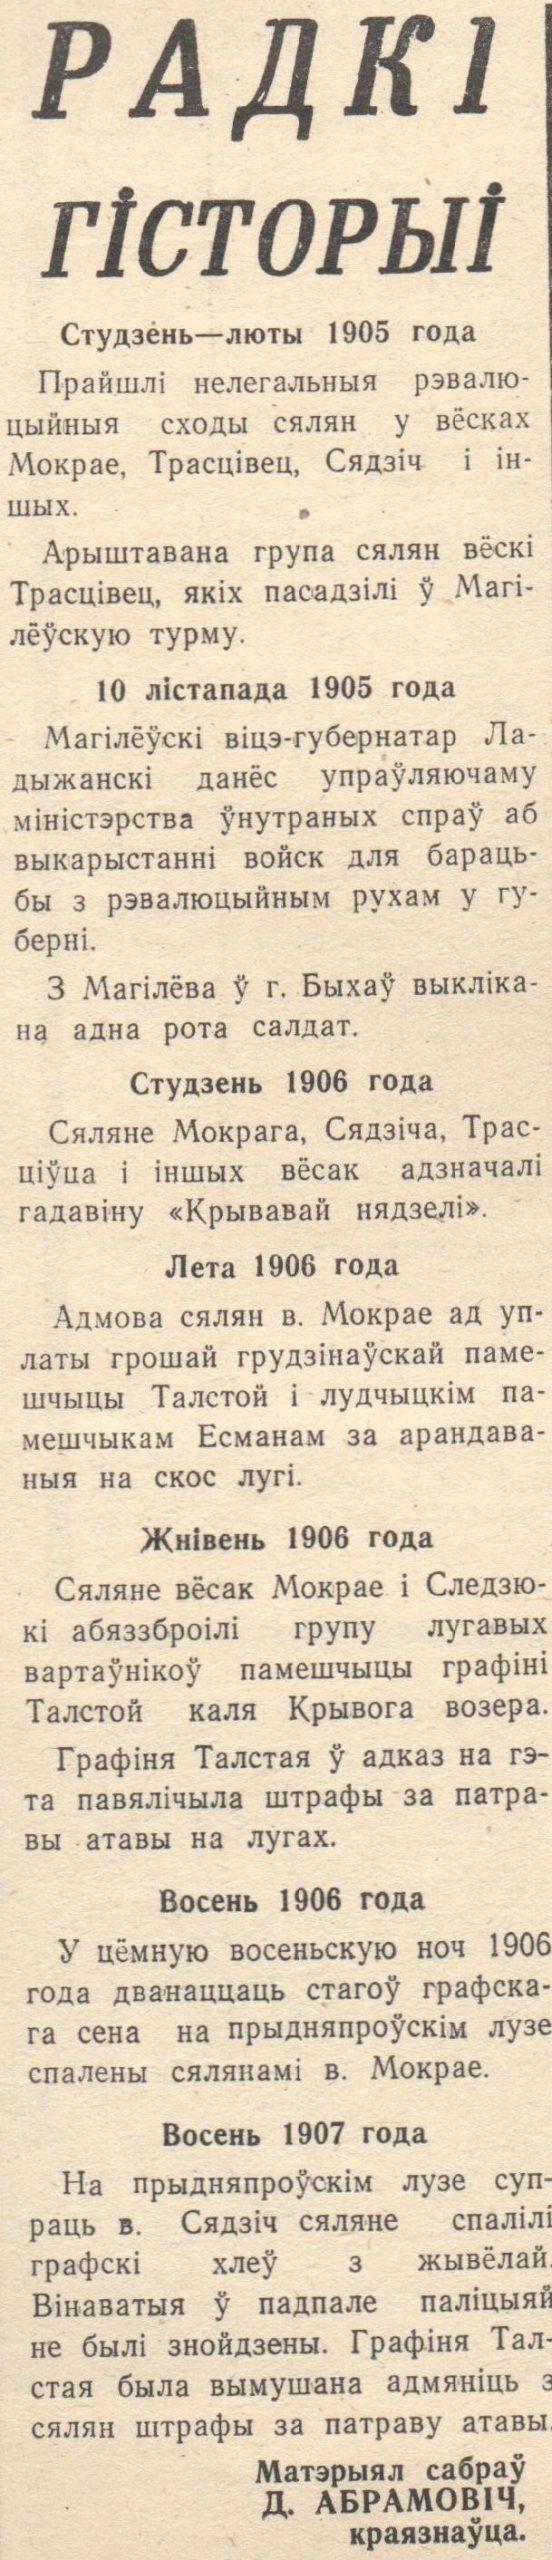 З краязнаўчых матэрыялаў Данілы Абрамовіча.